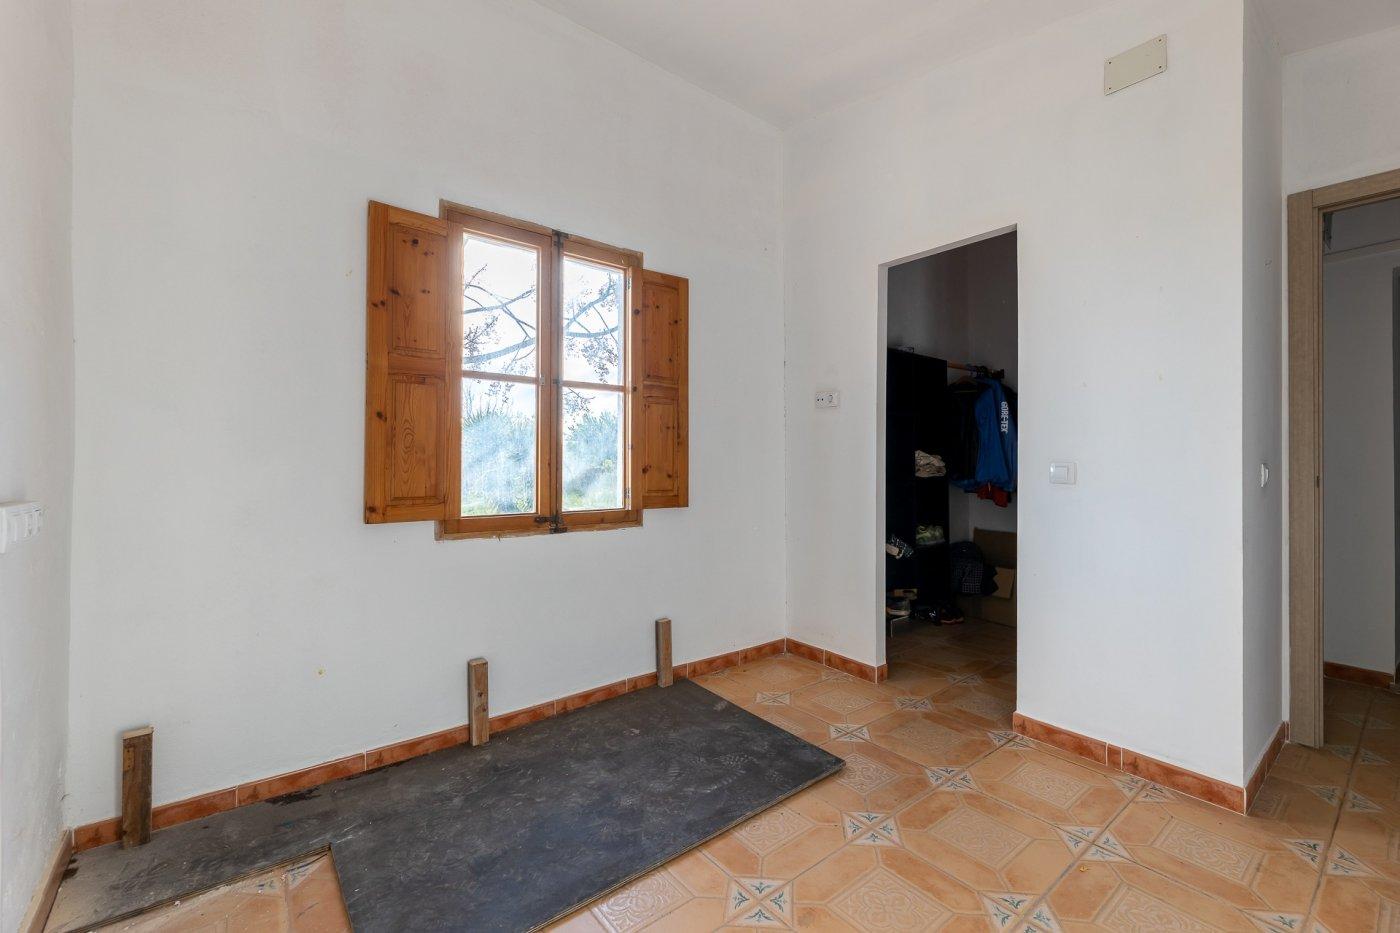 Encantadora finca rÚstica con casa de invitados  en marratxinet - imagenInmueble32